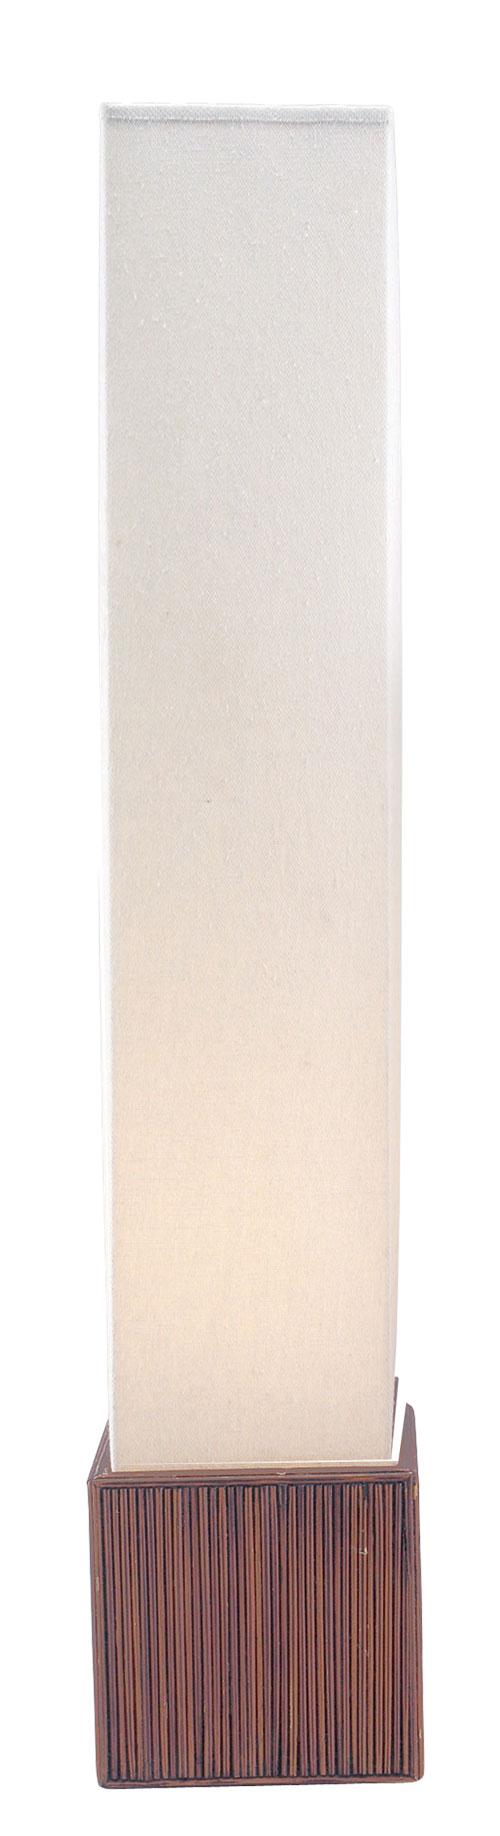 Adesso 3004 Sebu Floor Lantern Teak 14